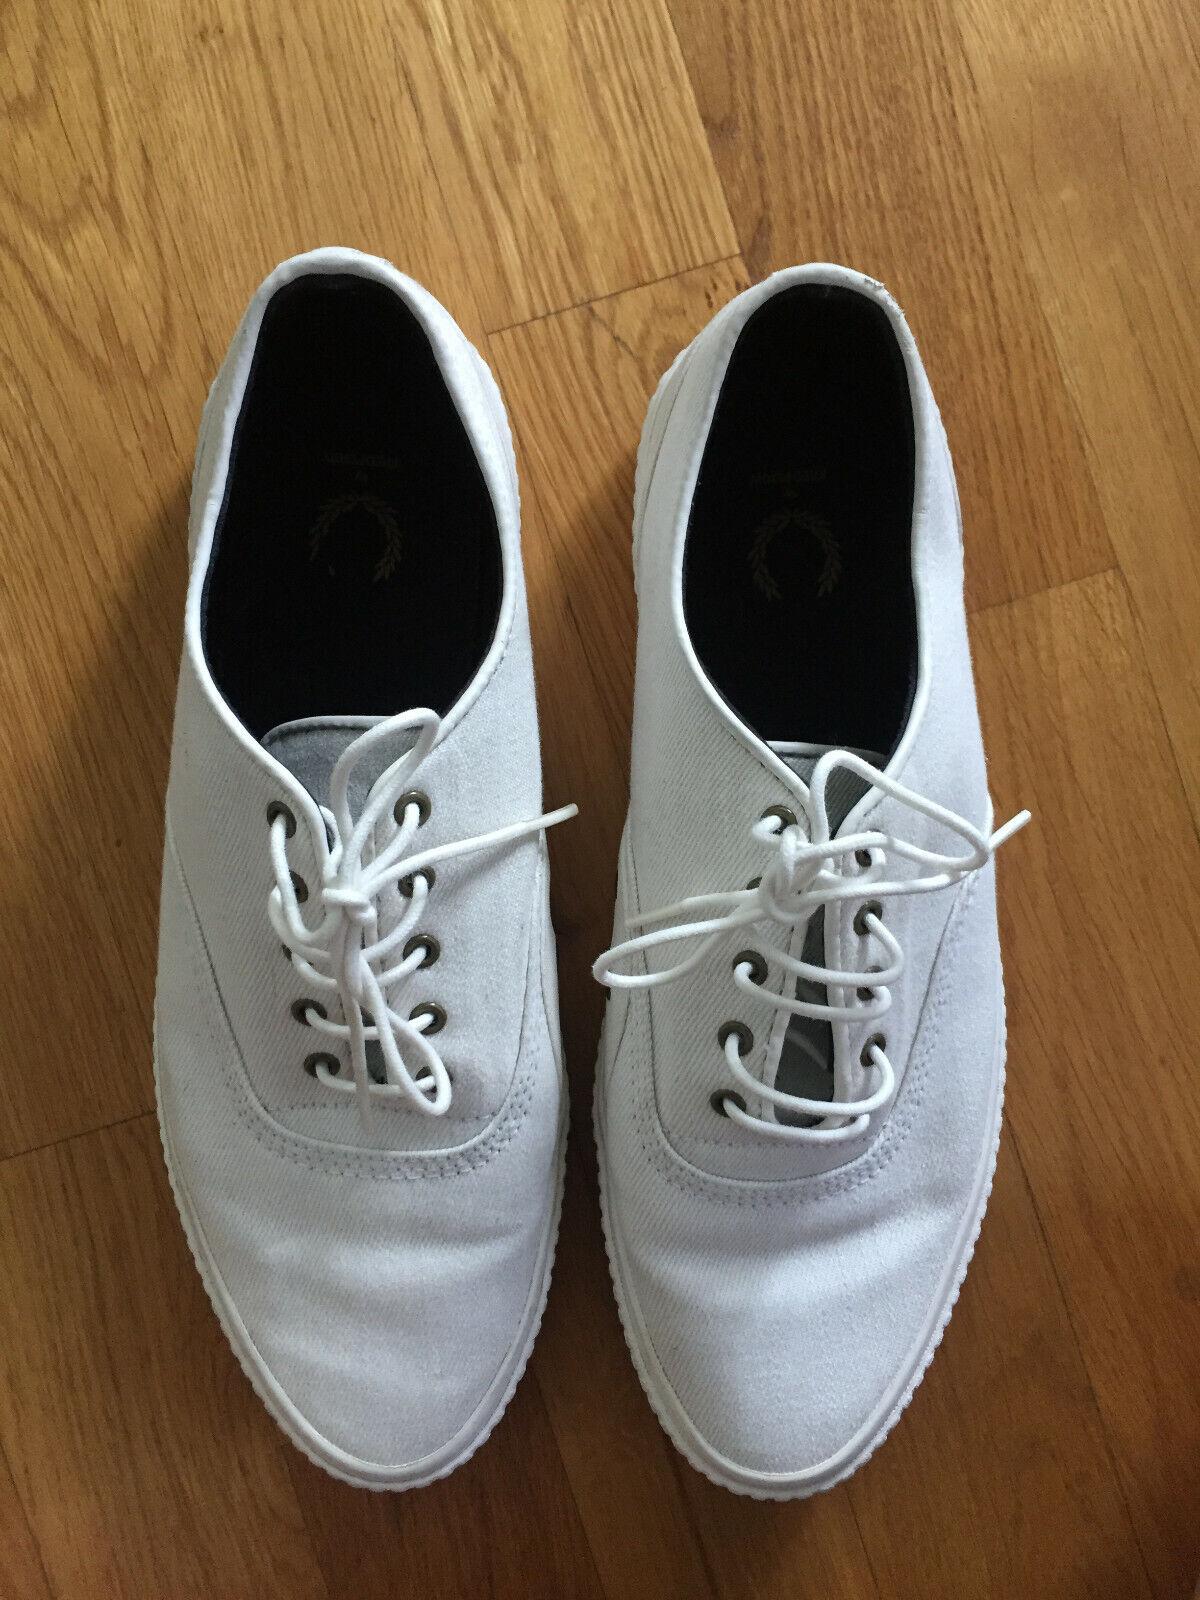 FRED PERRY Sneaker Turnschuhe Leinen, weiß, Gr. 42 (9) Top Zustand